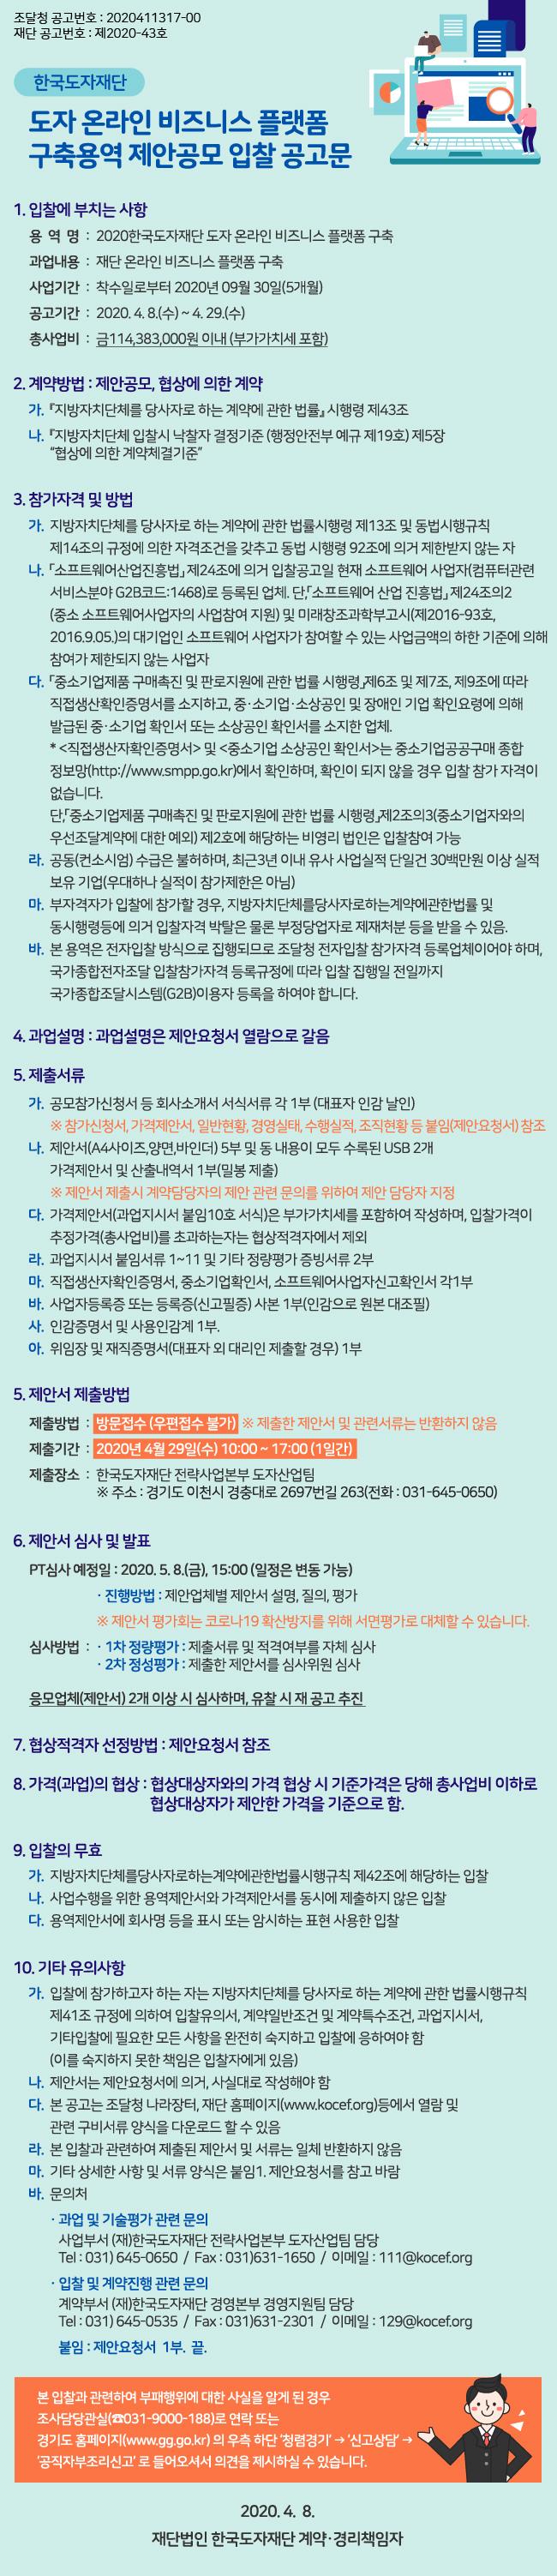 한국도자재단 도자 온라인 비즈니스 플랫폼 구축용역 제안공모 입찰 공고문